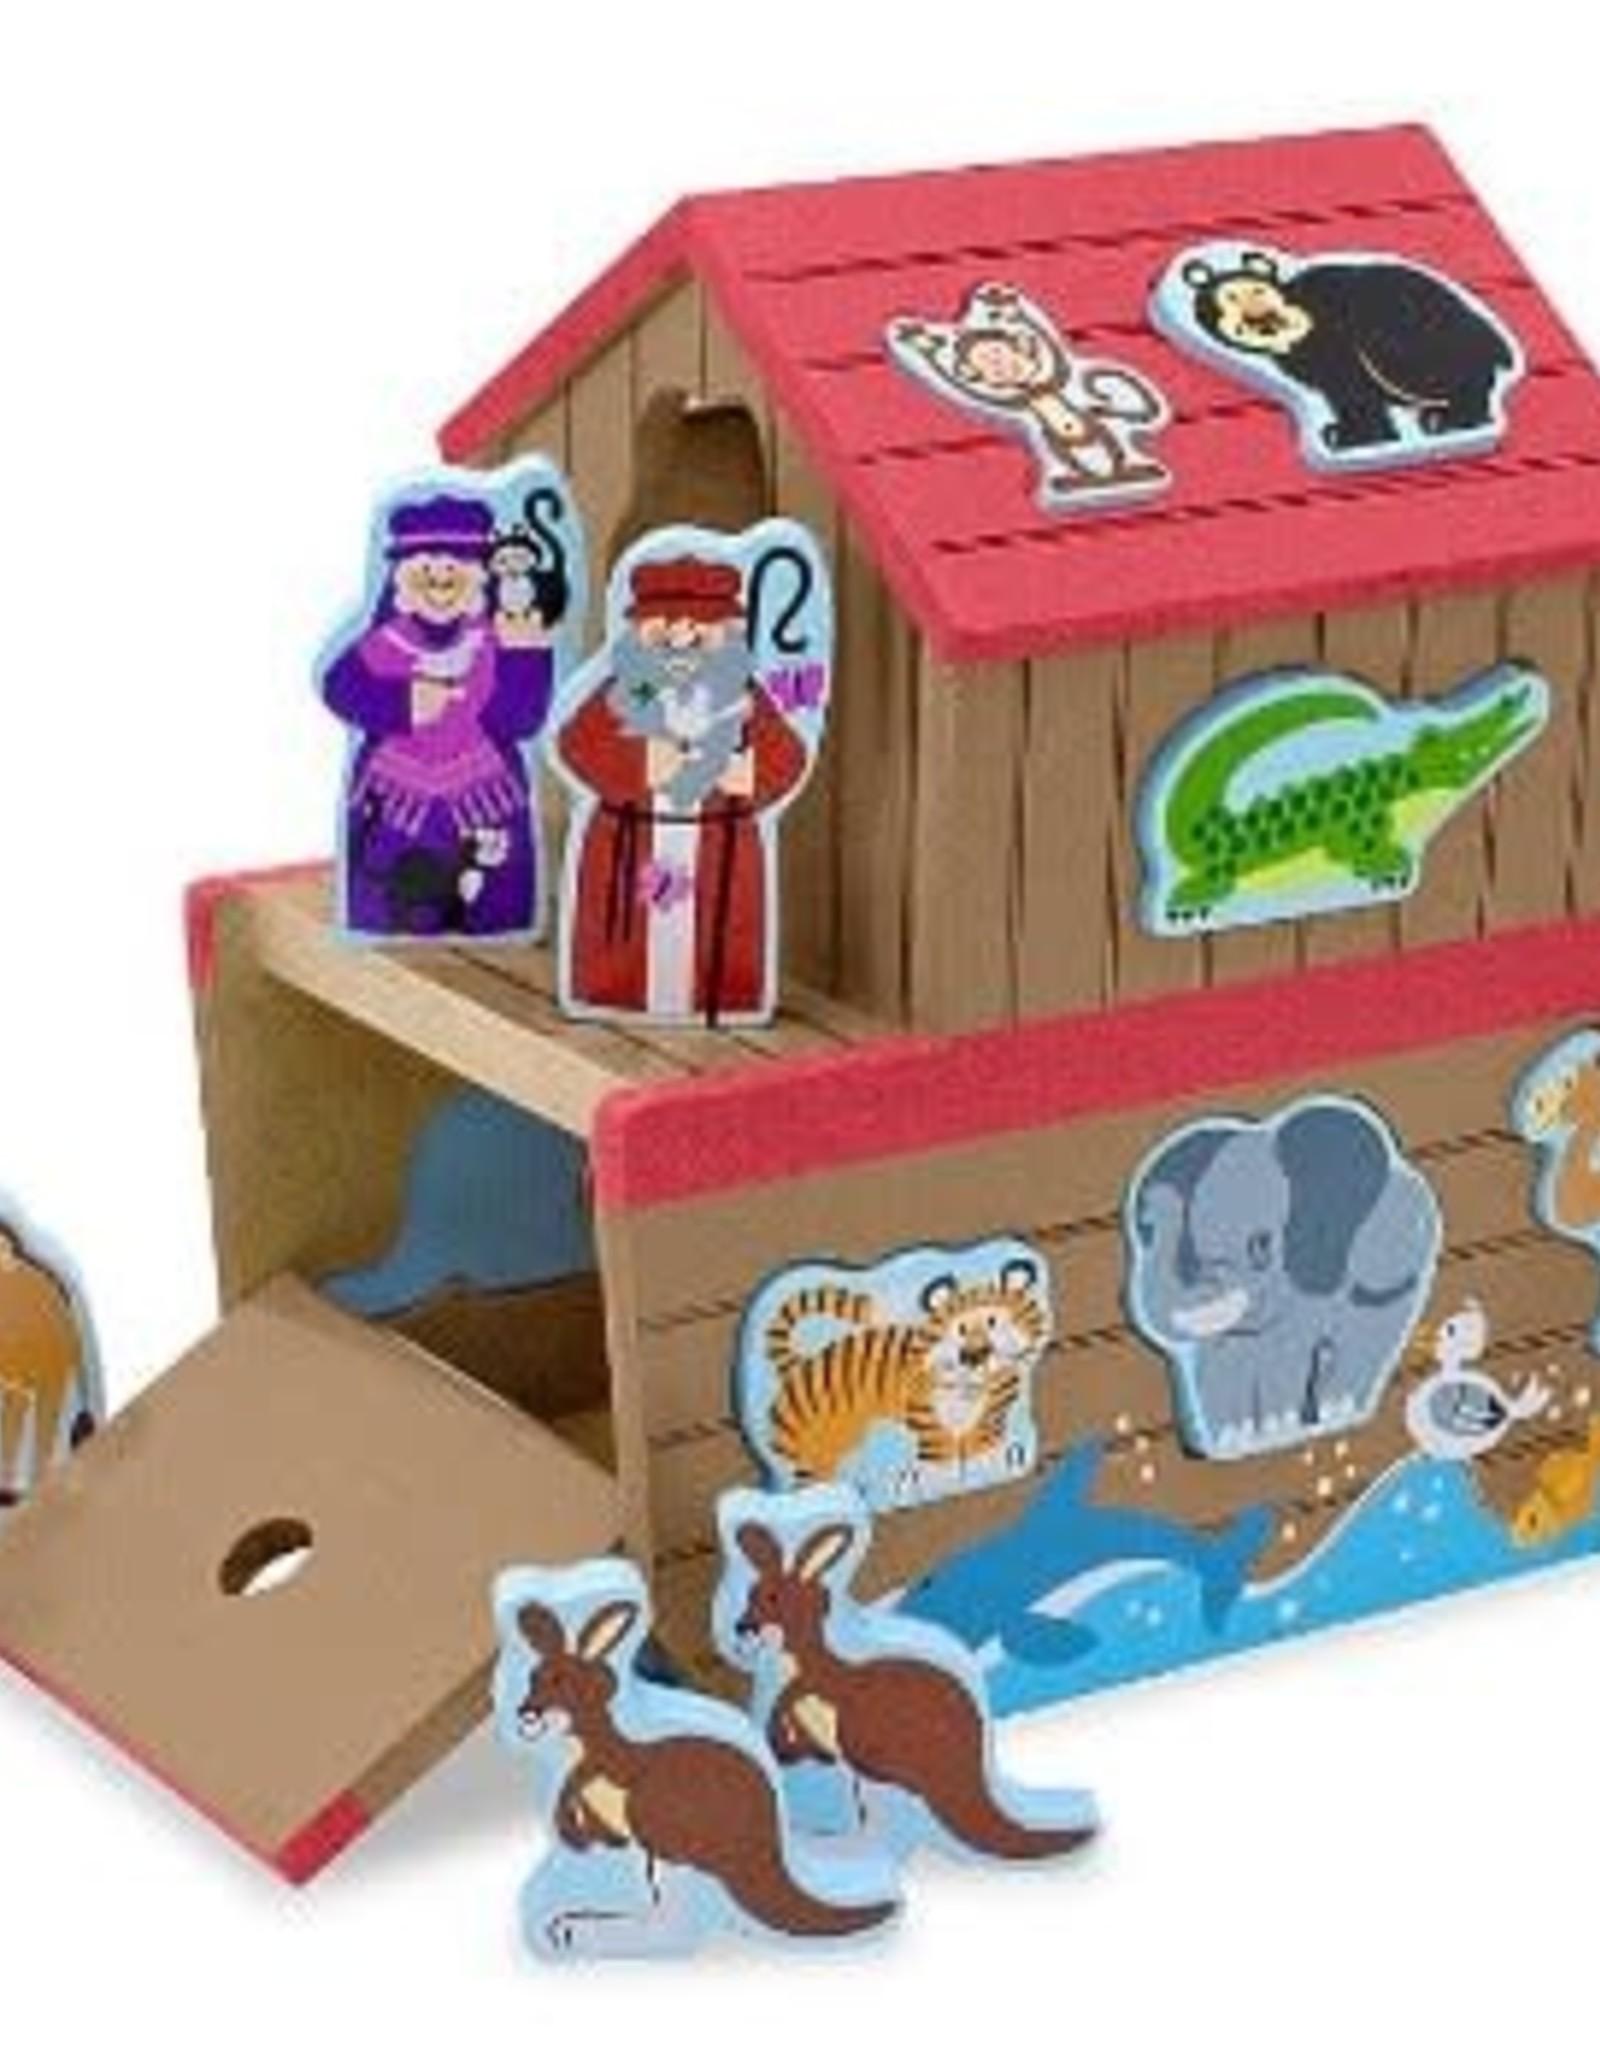 Melissa & Doug Melissa & Doug Noah's Ark Play Set